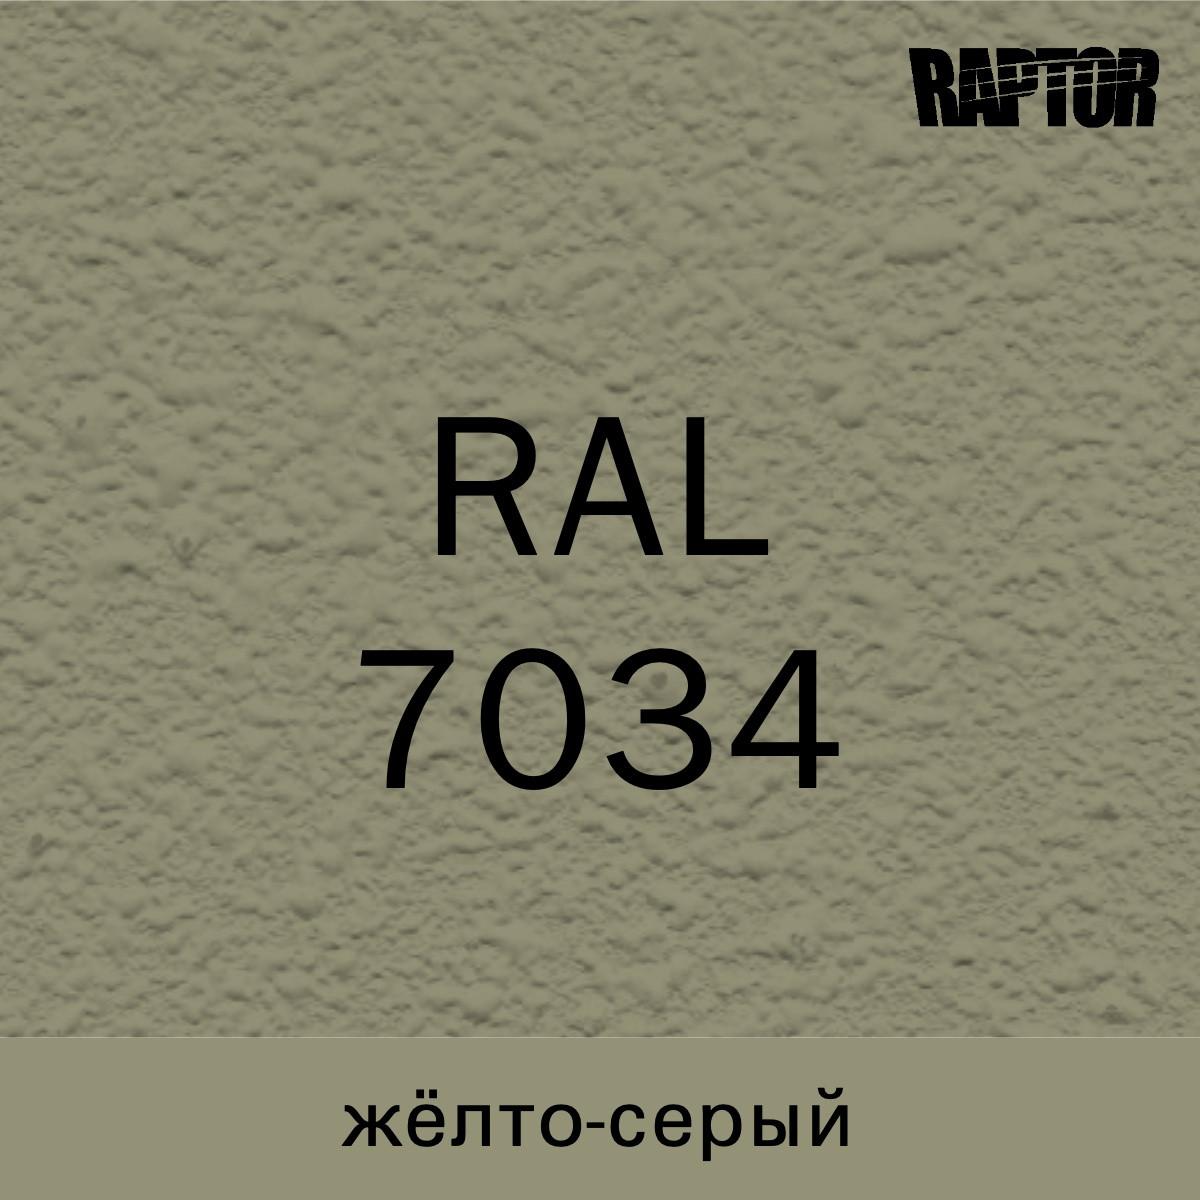 Пигмент для колеровки покрытия RAPTOR™ Жёлто-серый (RAL 7034)